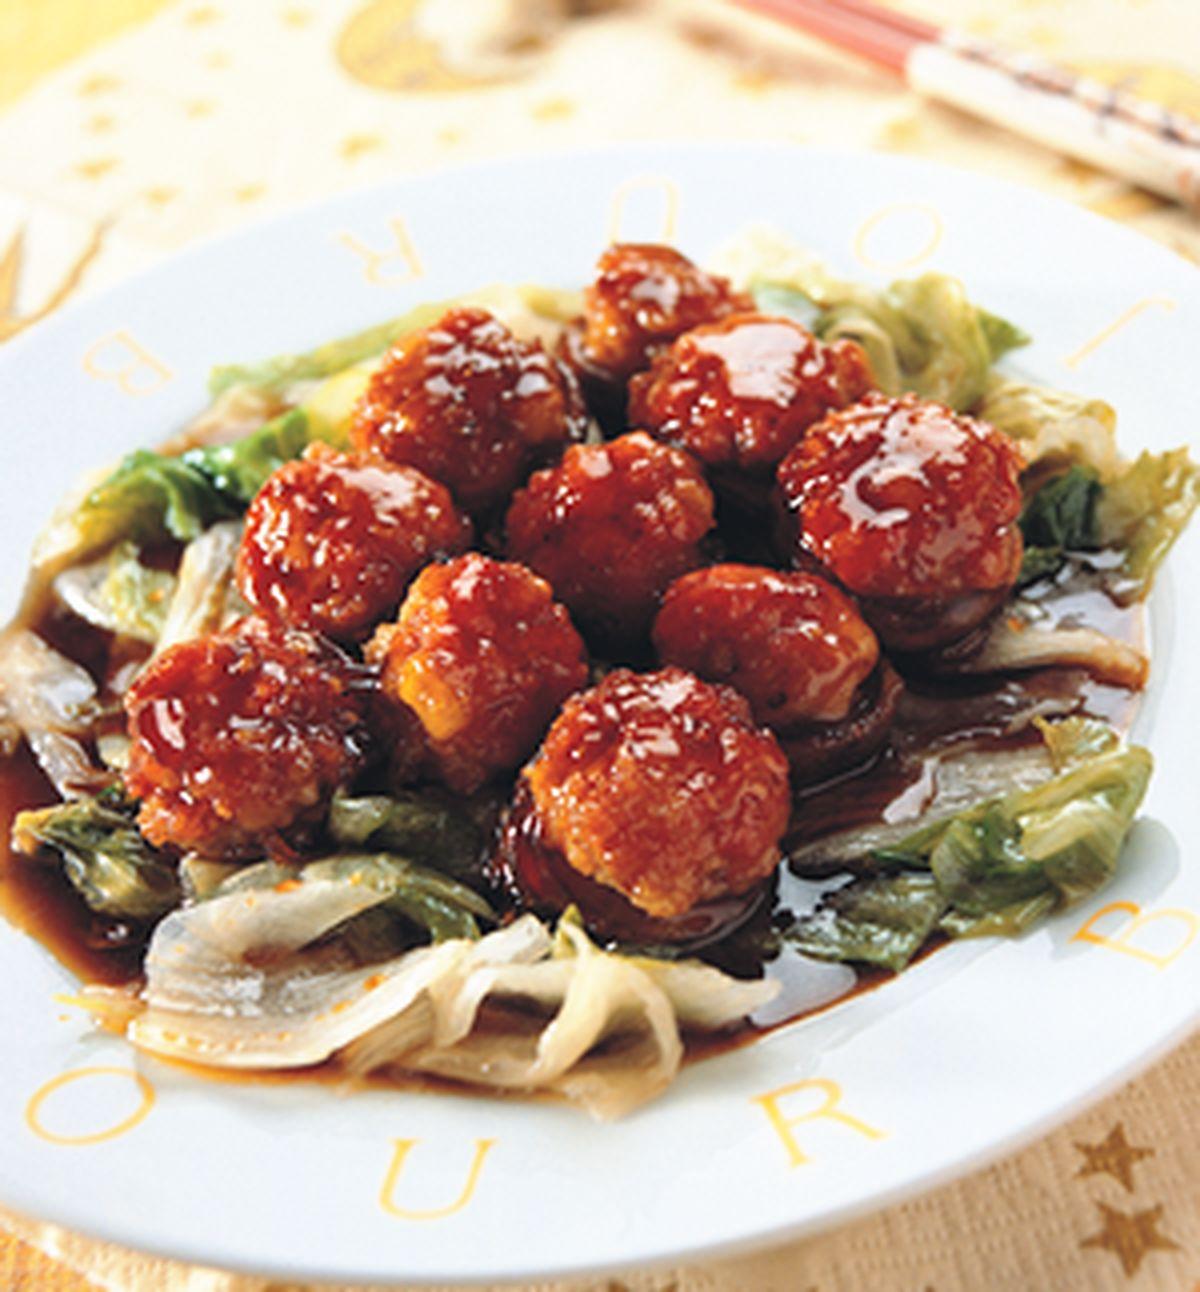 食譜:金錢菇生菜